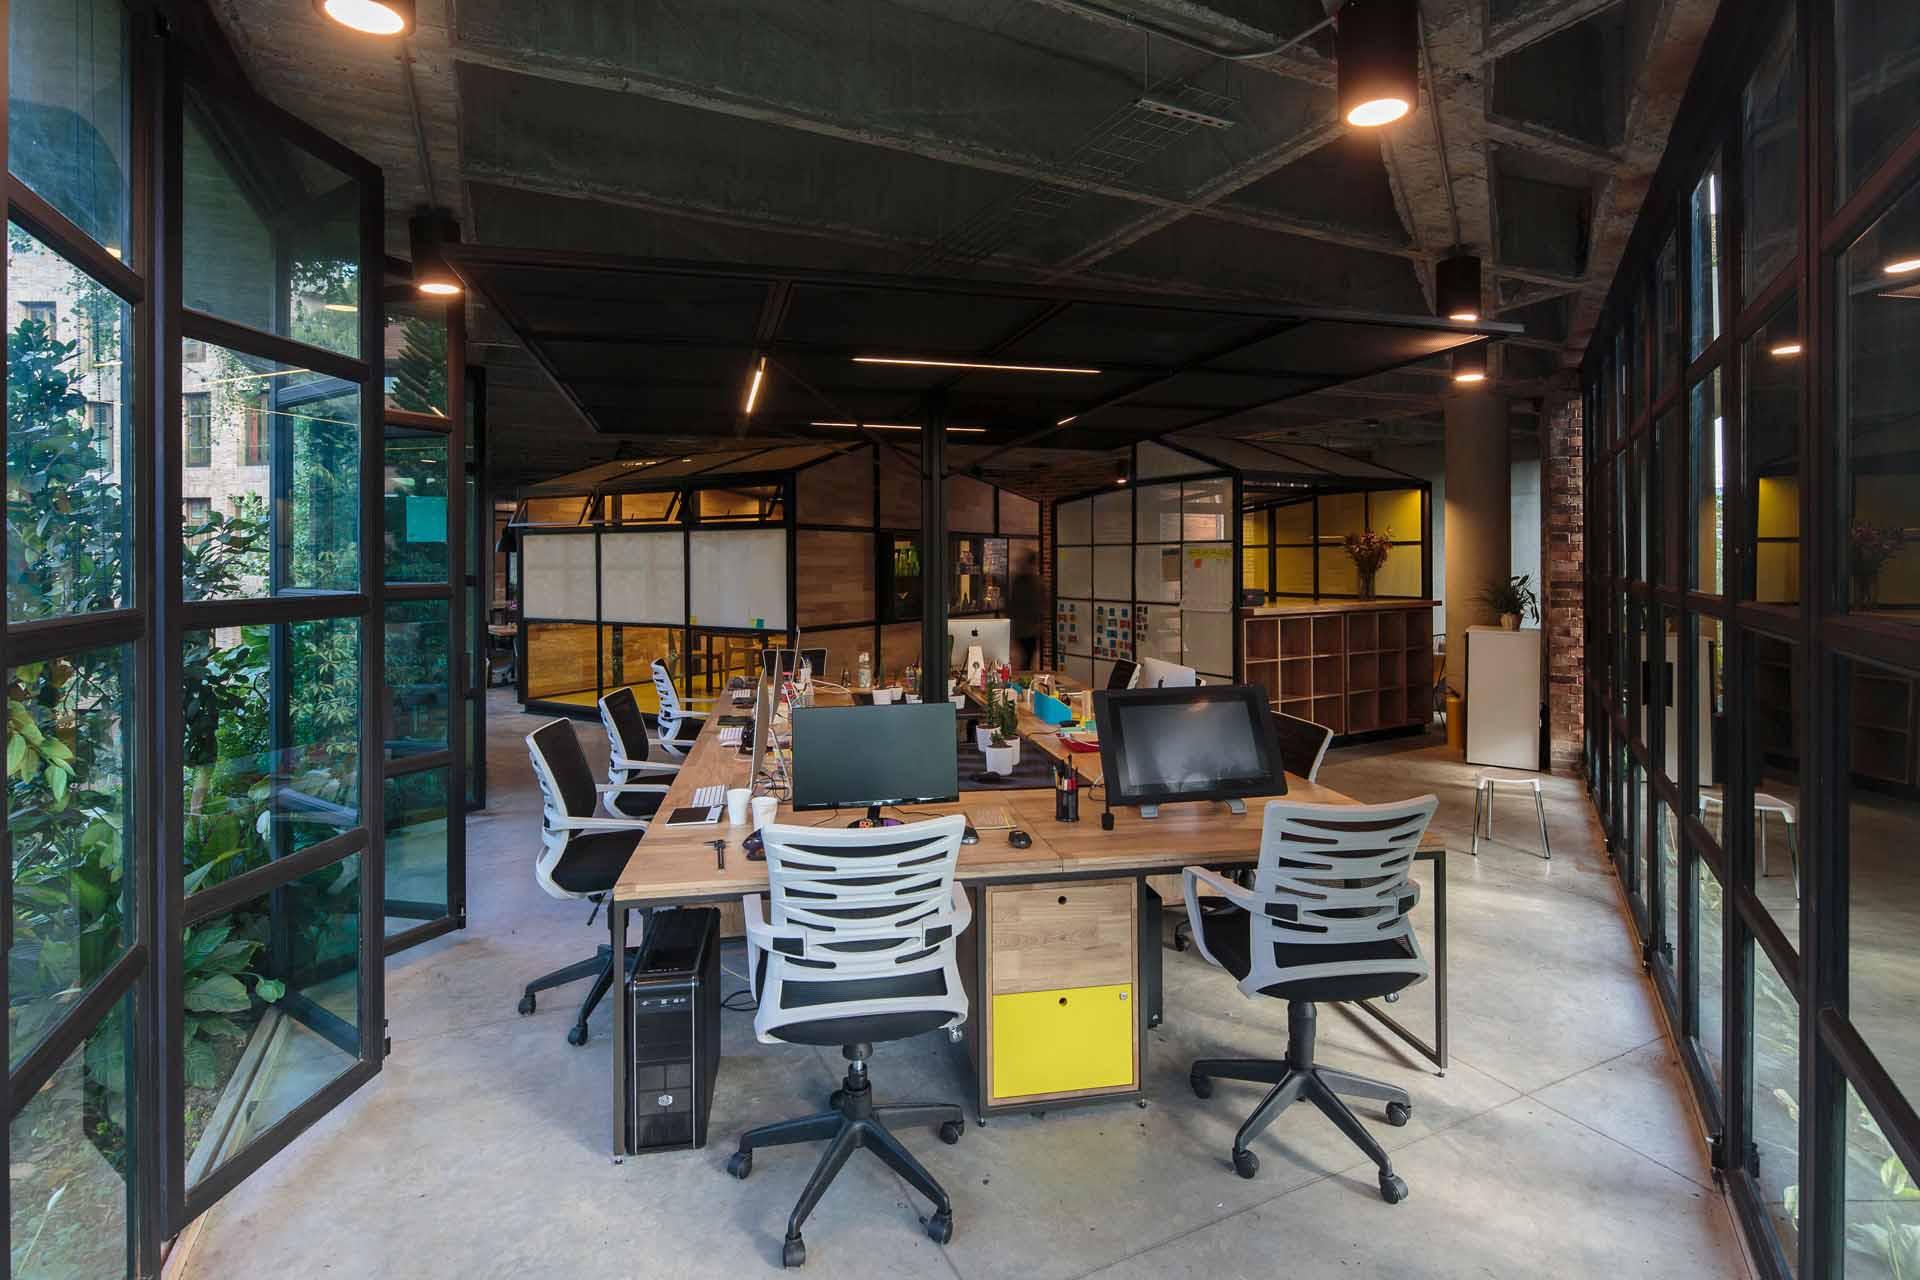 Oficinas Grupo ImasD Medellín 2016